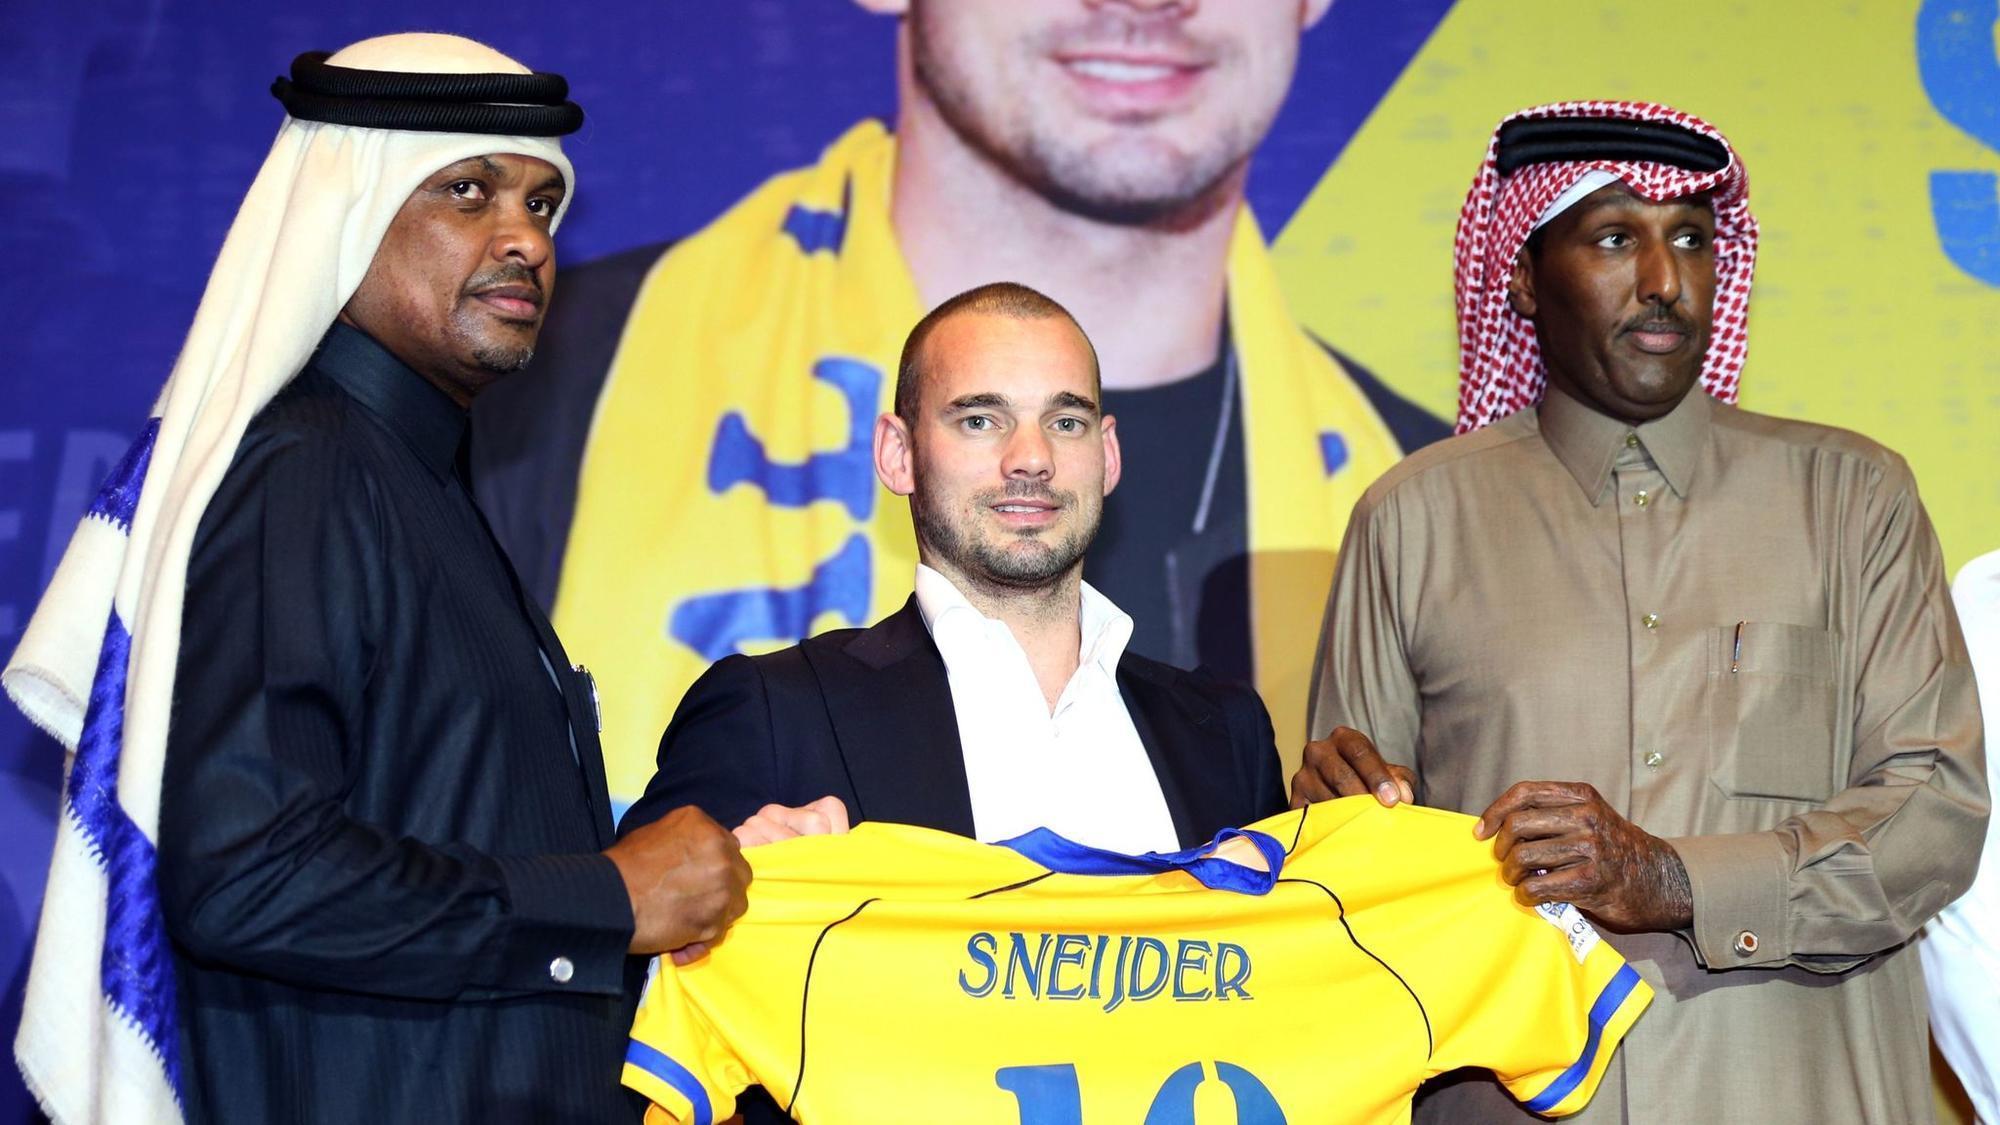 Risultati immagini per sneijder al gharafa